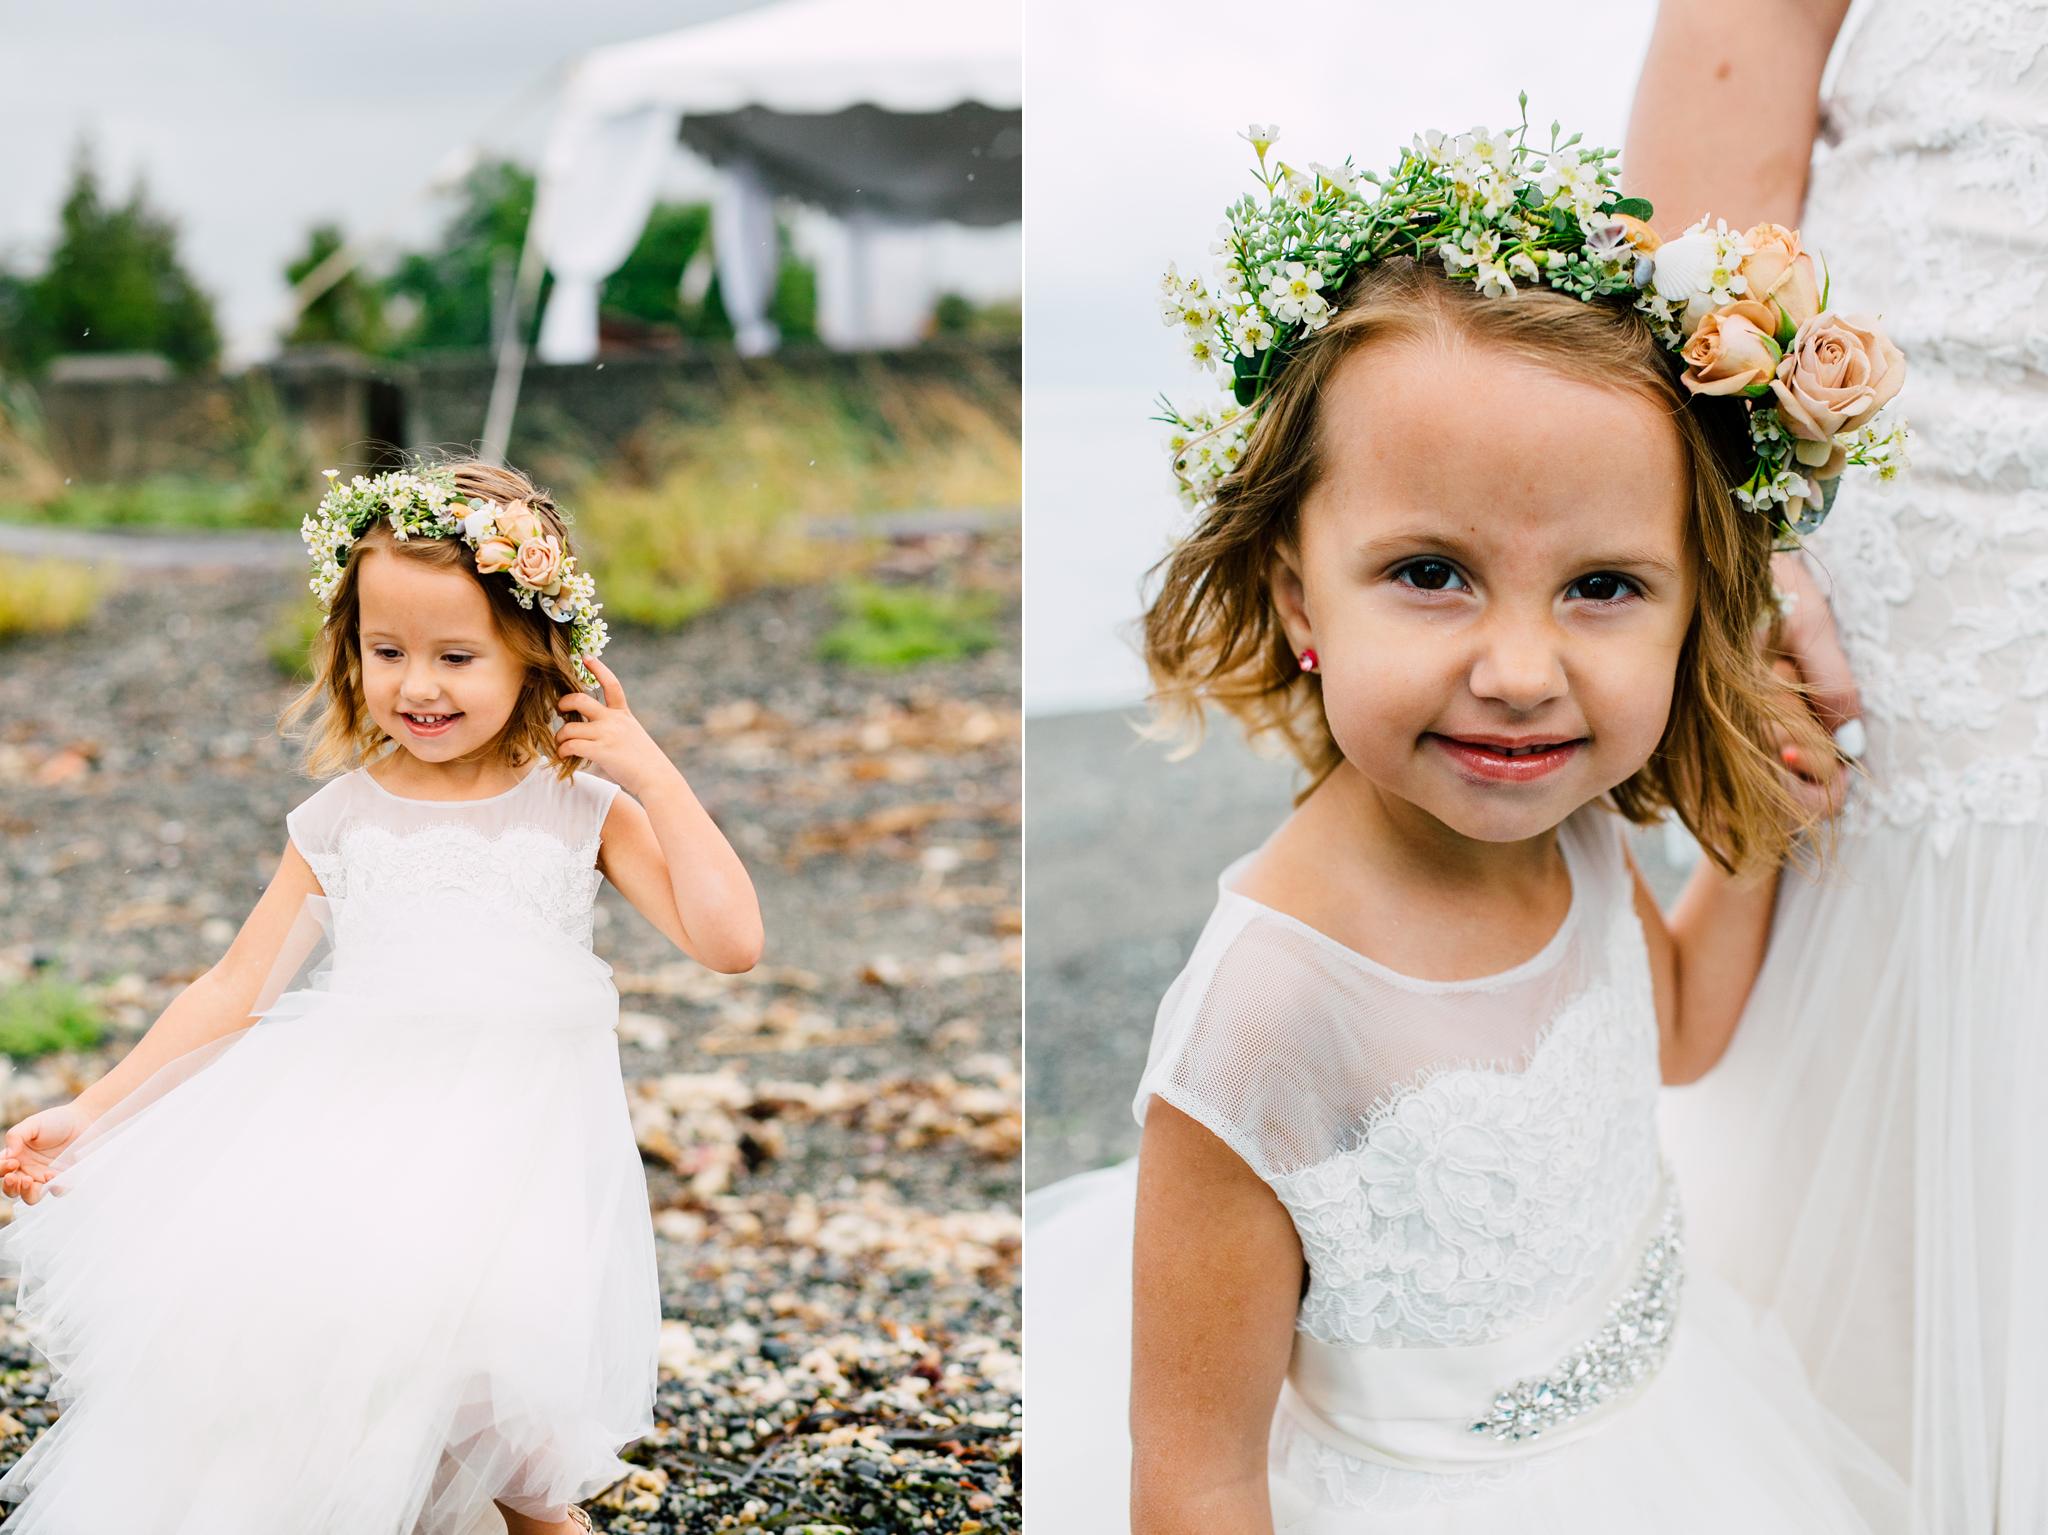 040-bellingham-wedding-photographer-beach-katheryn-moran-elisa-phillip.jpg